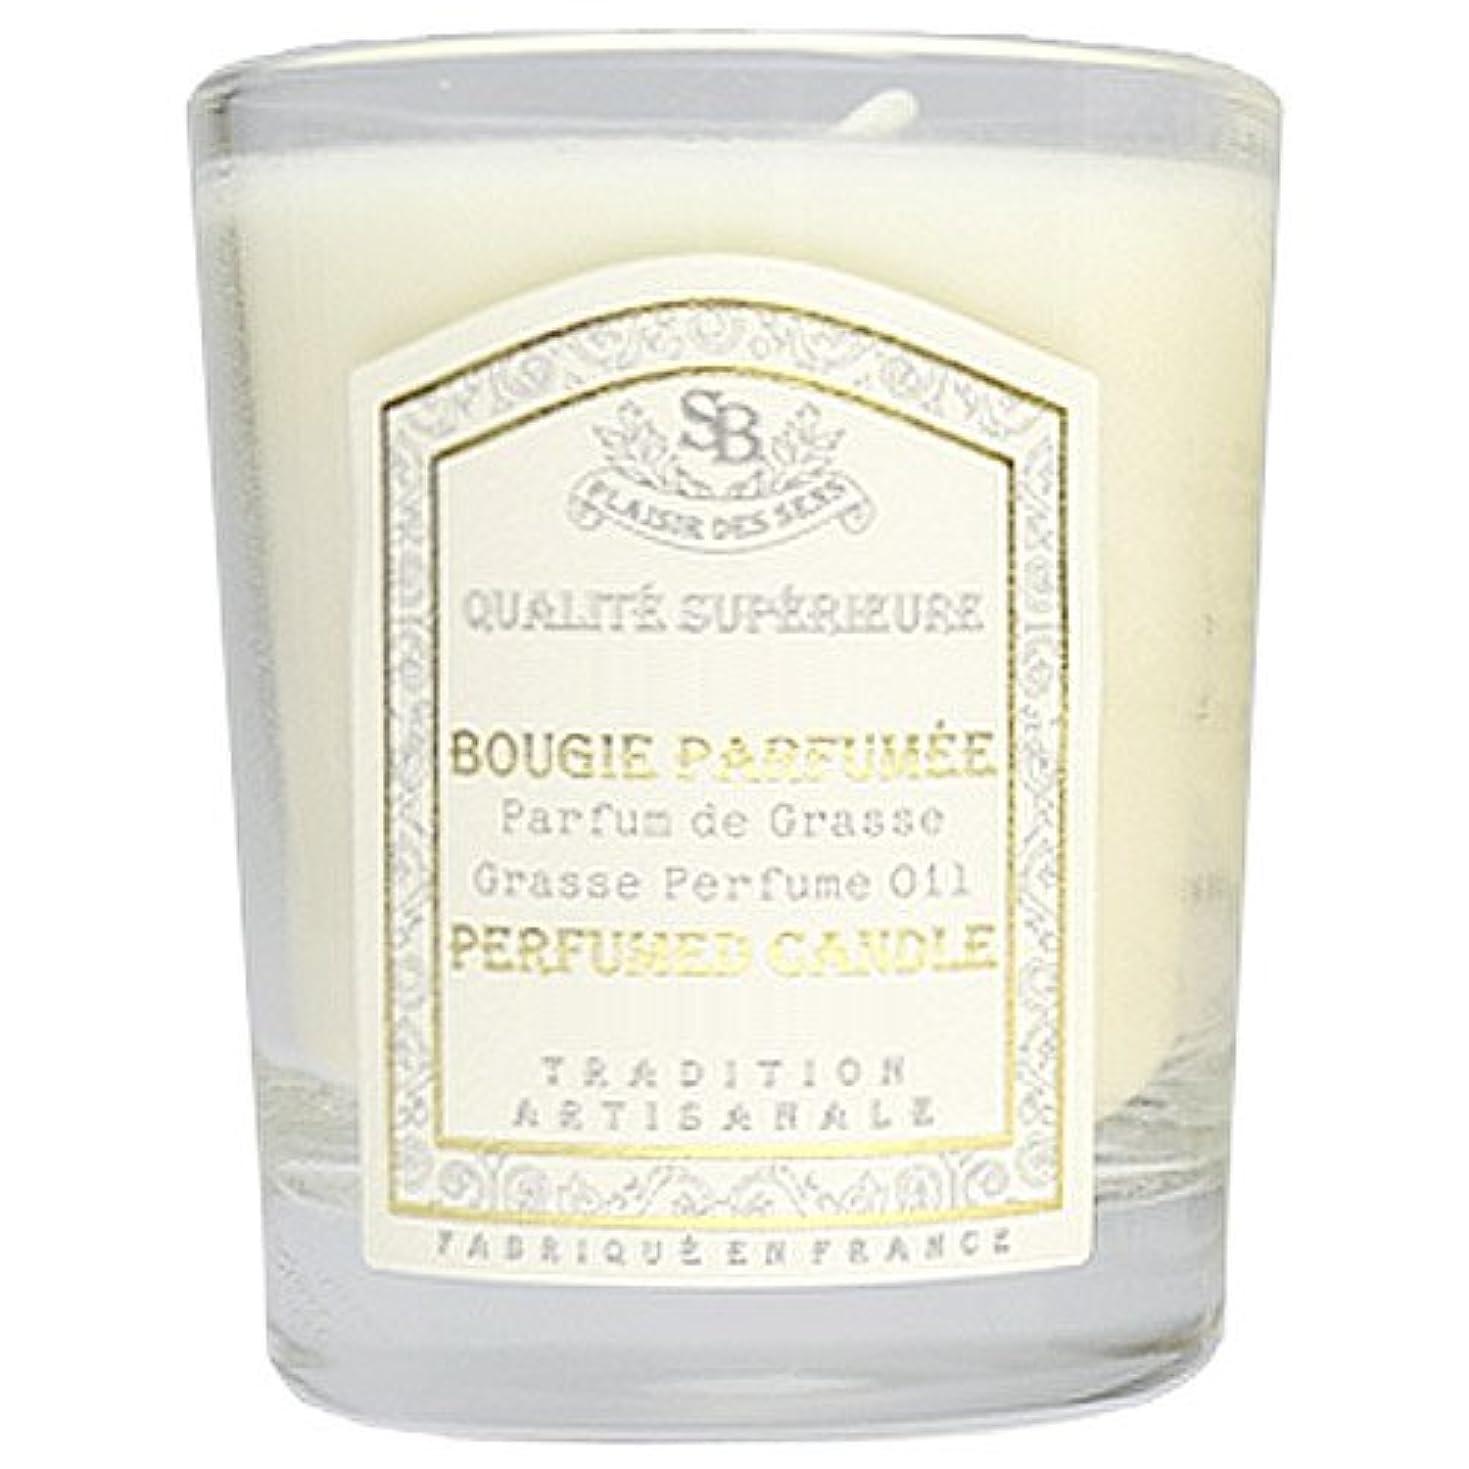 ヘッドレスペニーヒープSenteur et Beaute(サンタールエボーテ) フレンチクラシックシリーズ グラスキャンドル 90g 「ホワイトティー」 4994228021991